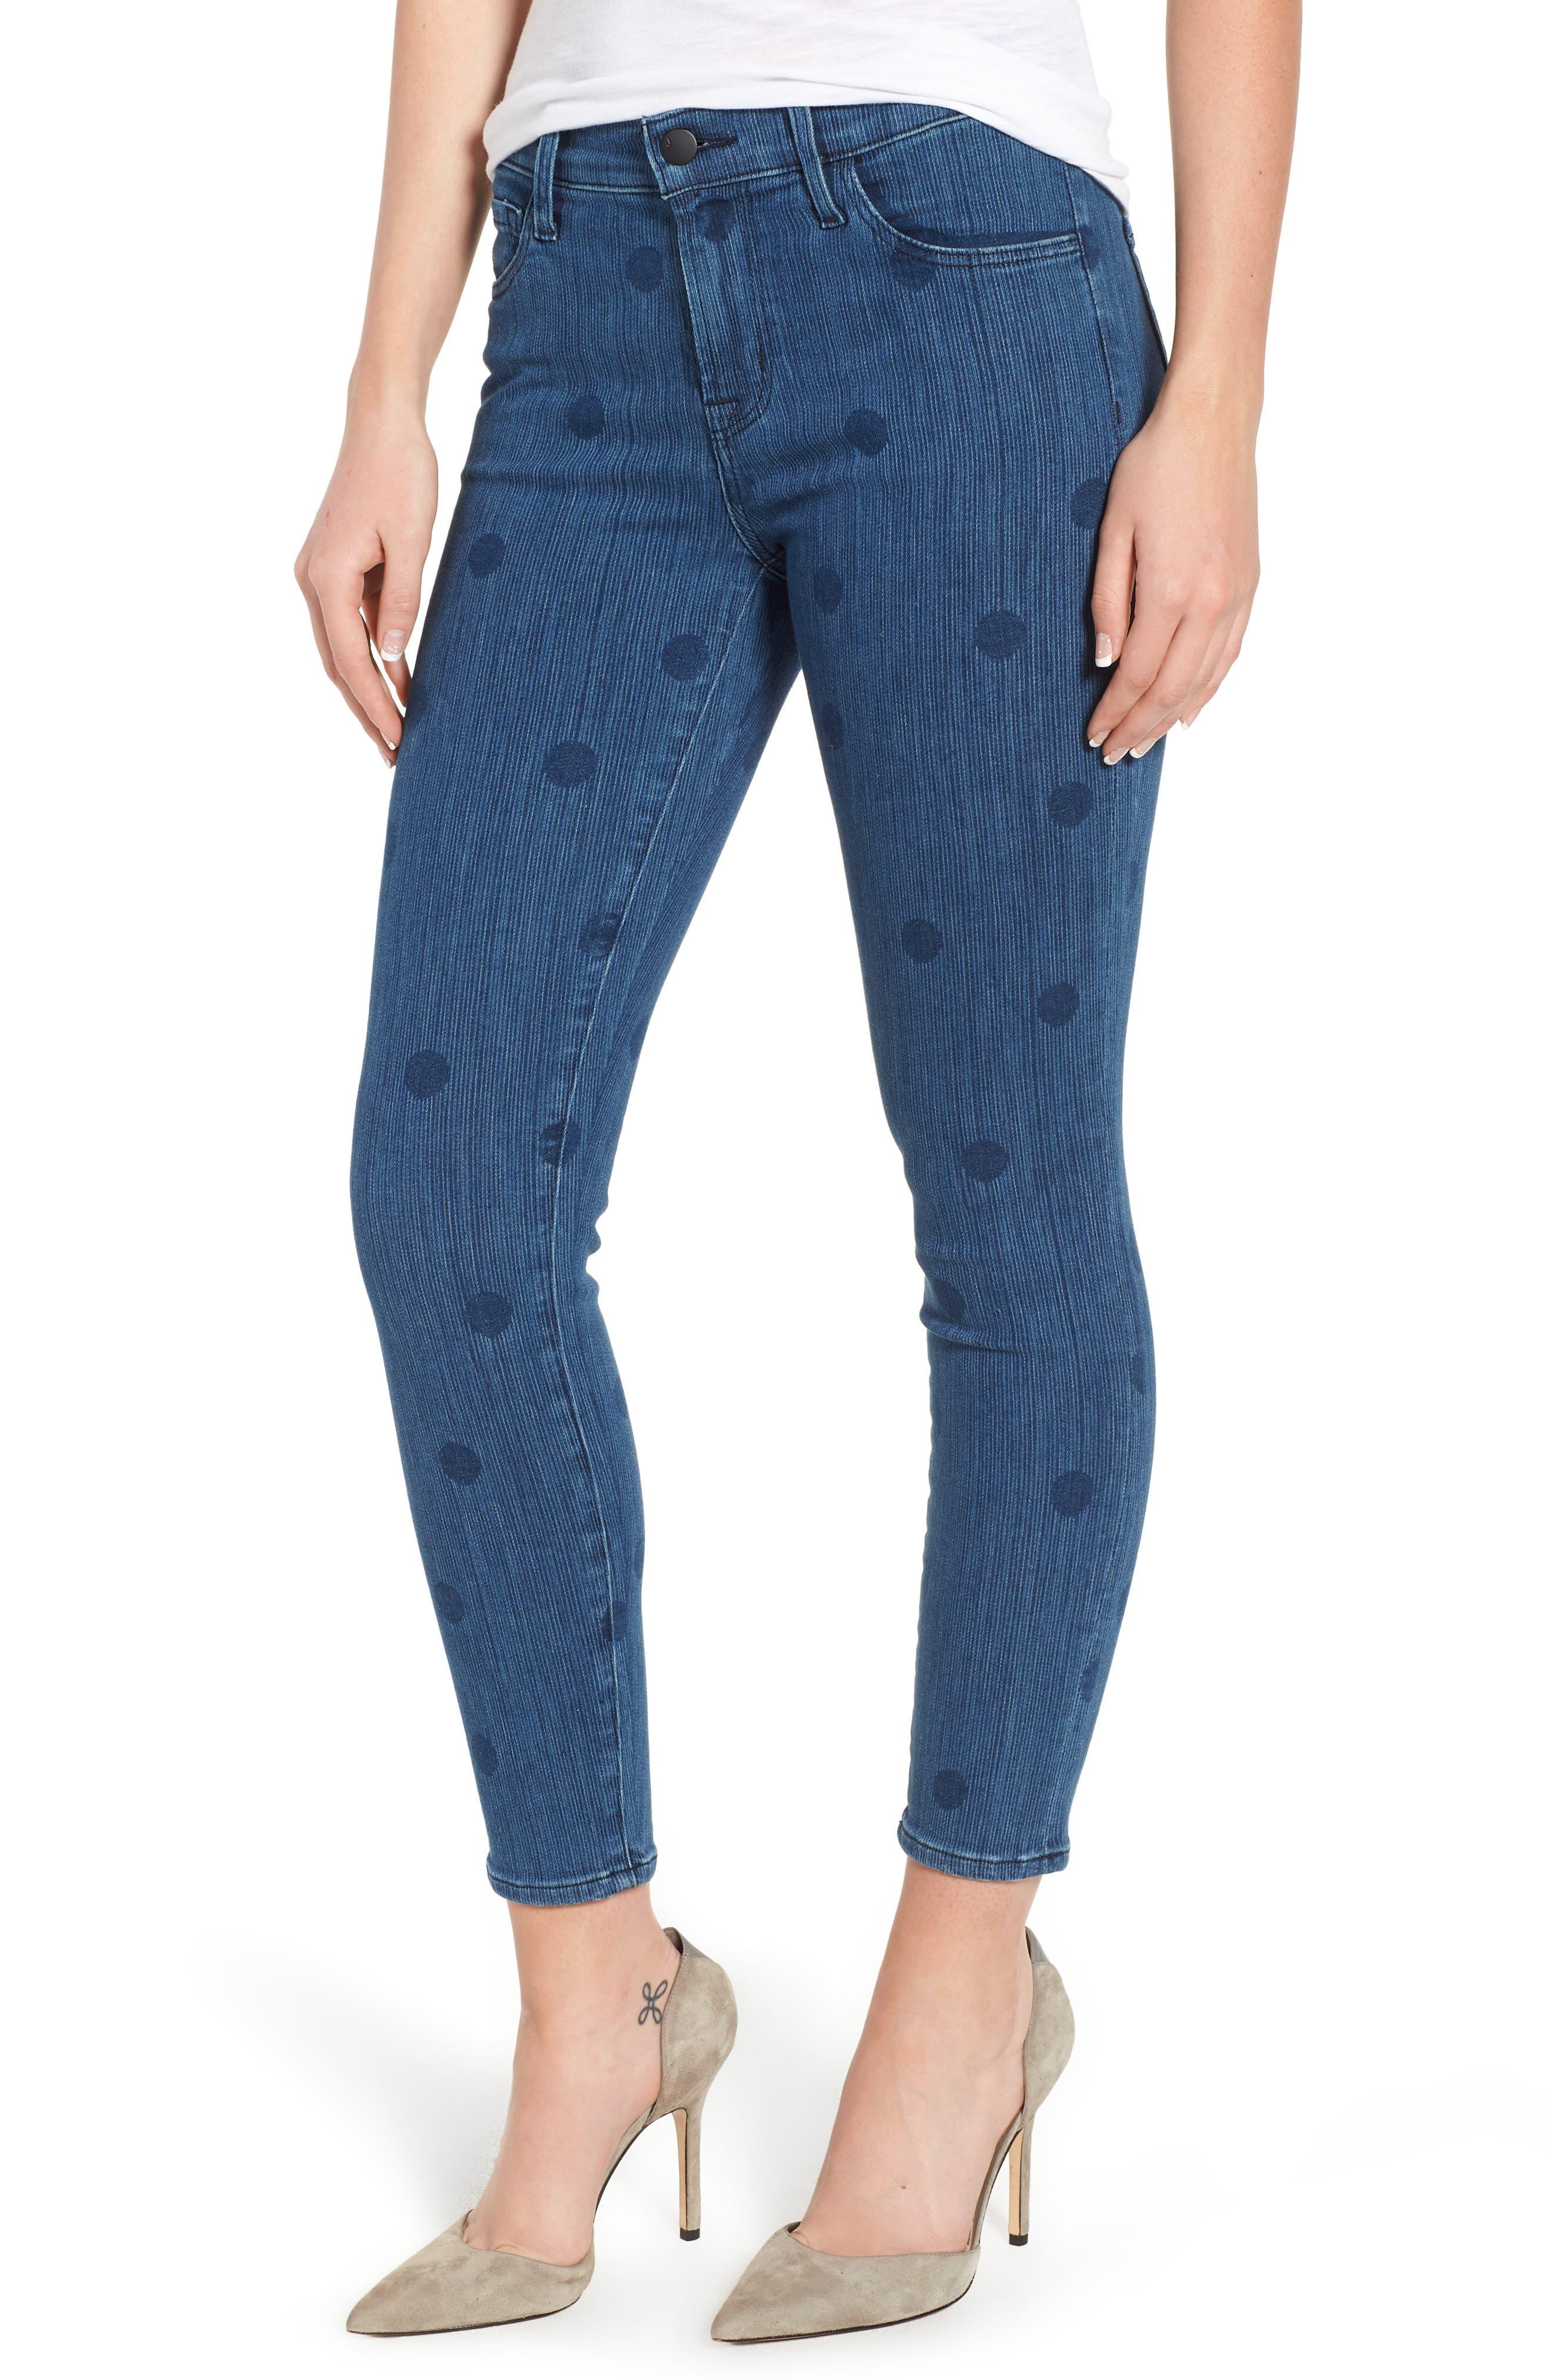 835 Capri Skinny Jeans,                             Main thumbnail 1, color,                             Aerial